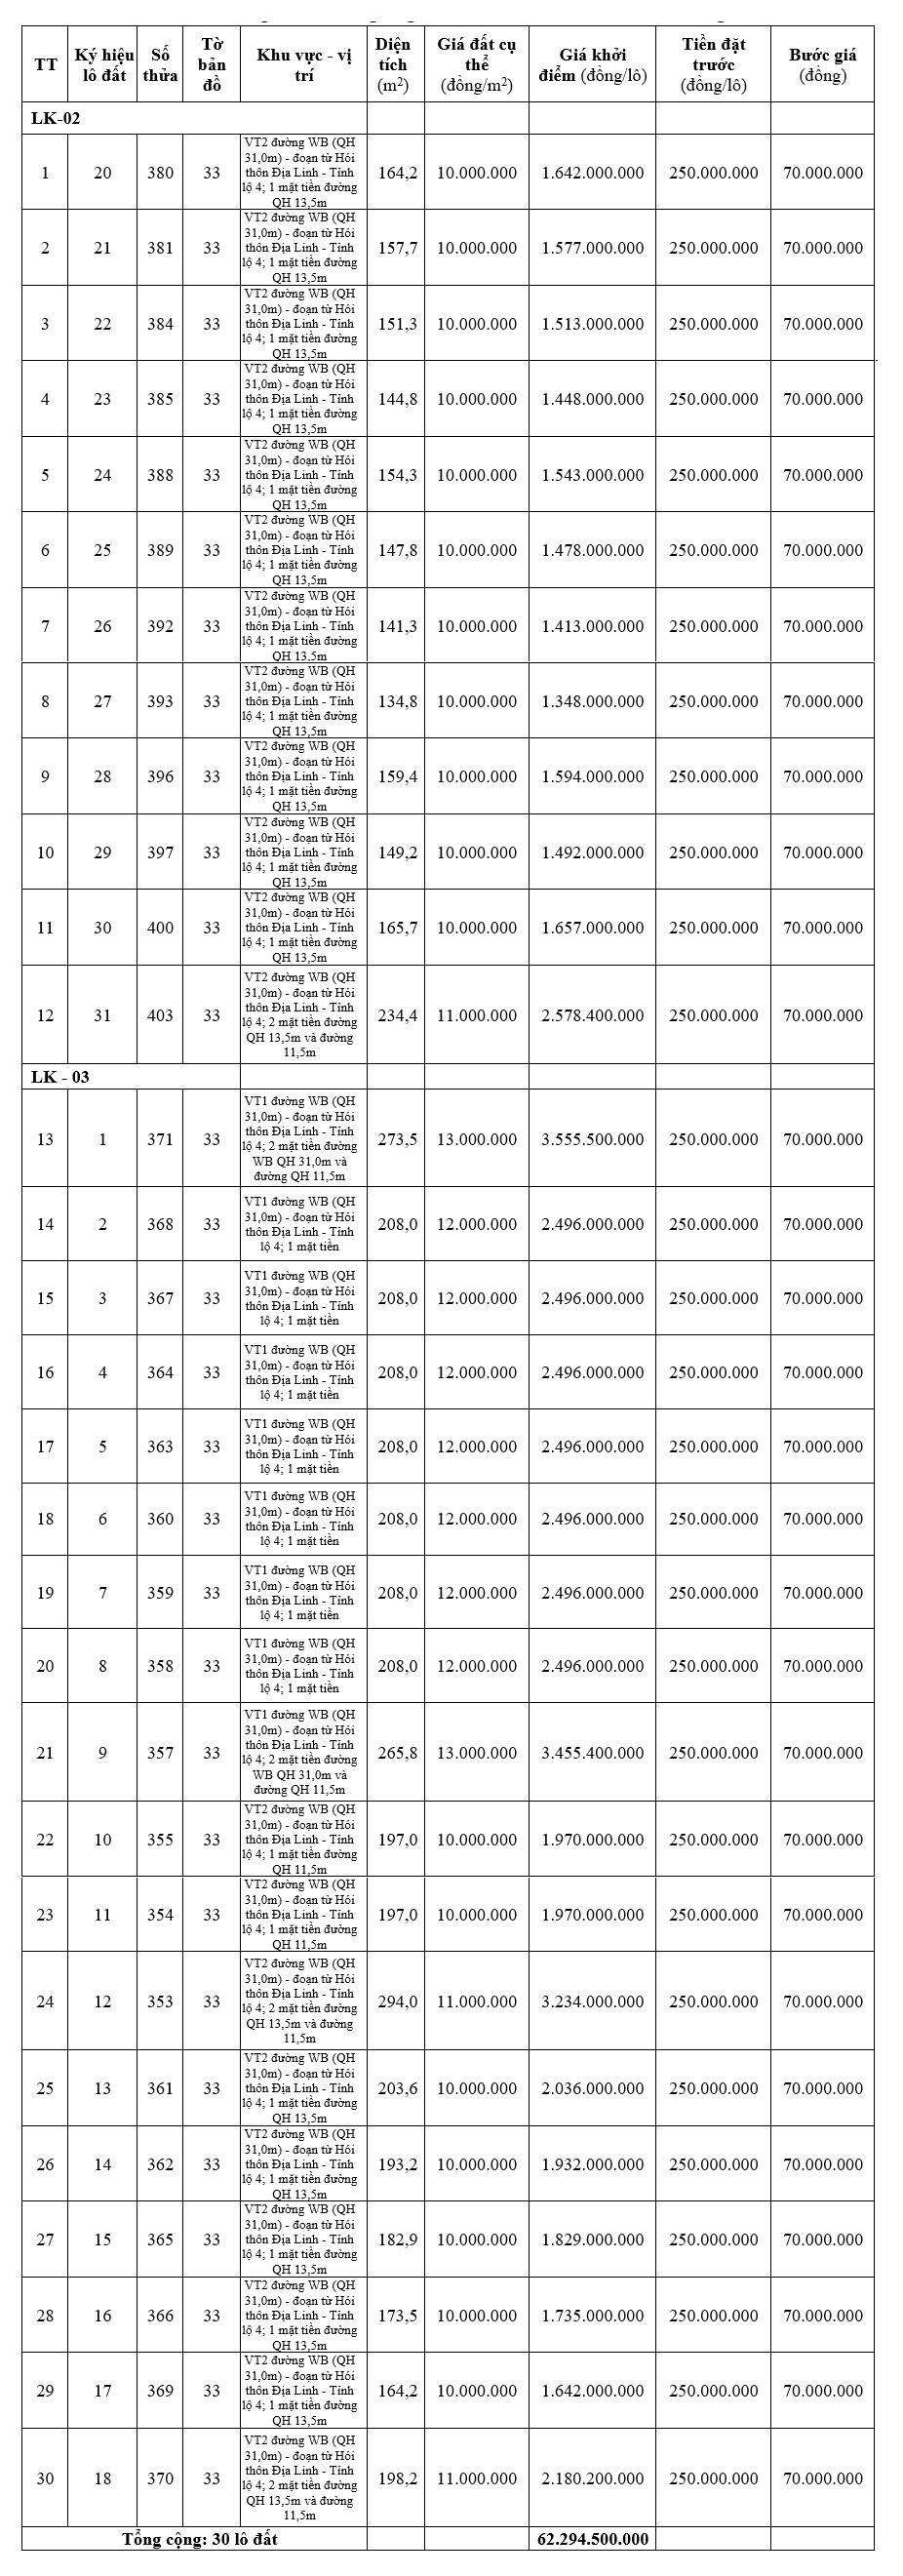 Hương Trà, Thừa Thiên Huế sắp đấu giá 30 lô đất, khởi điểm từ 10 triệu đồng/m2 - Ảnh 1.